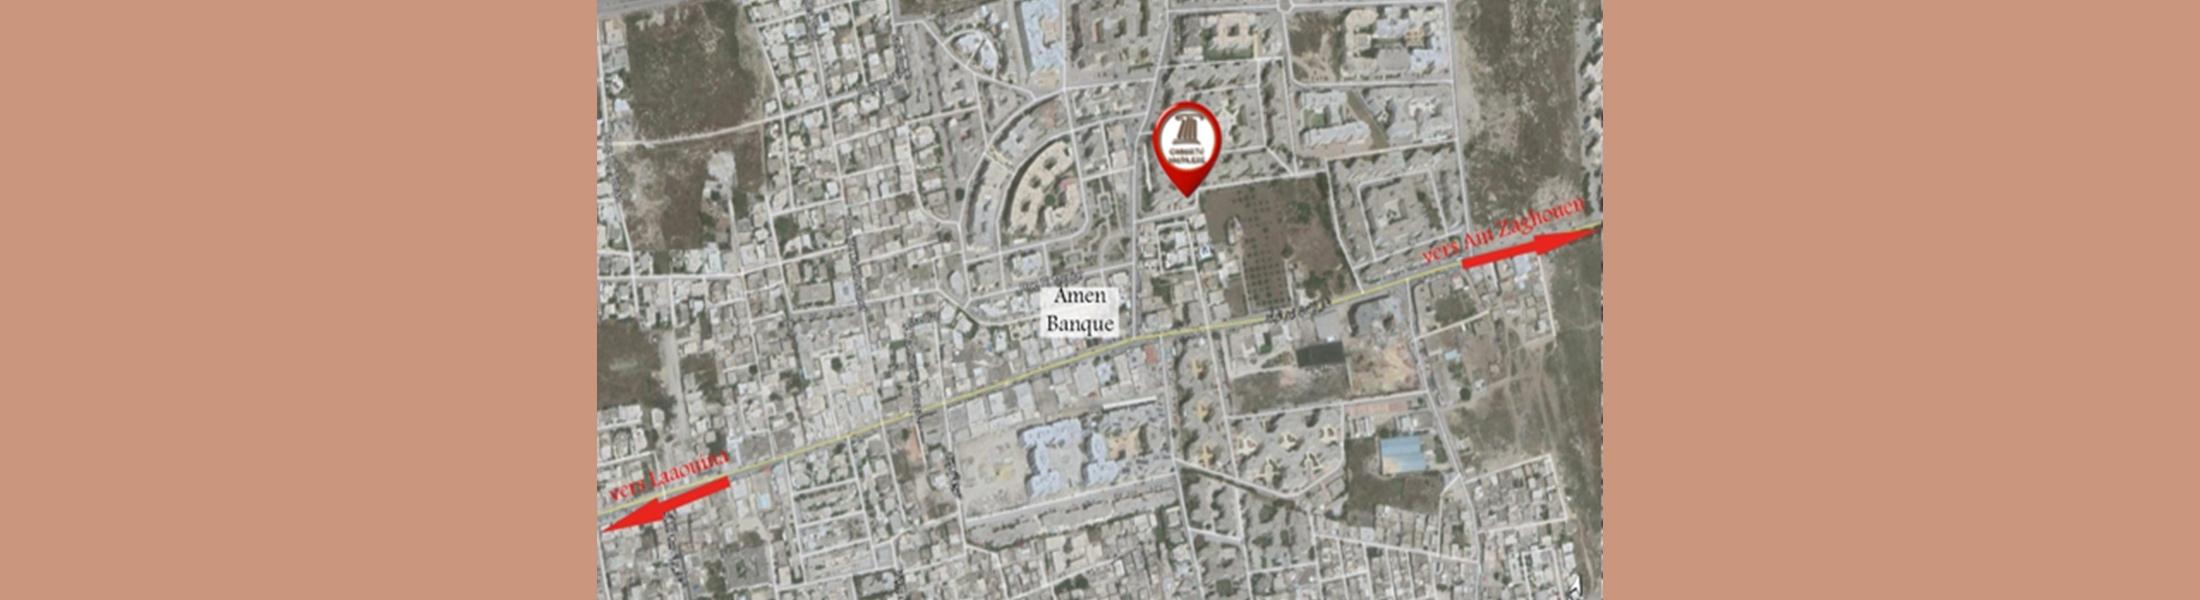 الشقة نرجس 40 كائنة بحي الواحات - العوينة (طلب العروض عدد 07 لسنة 2020)